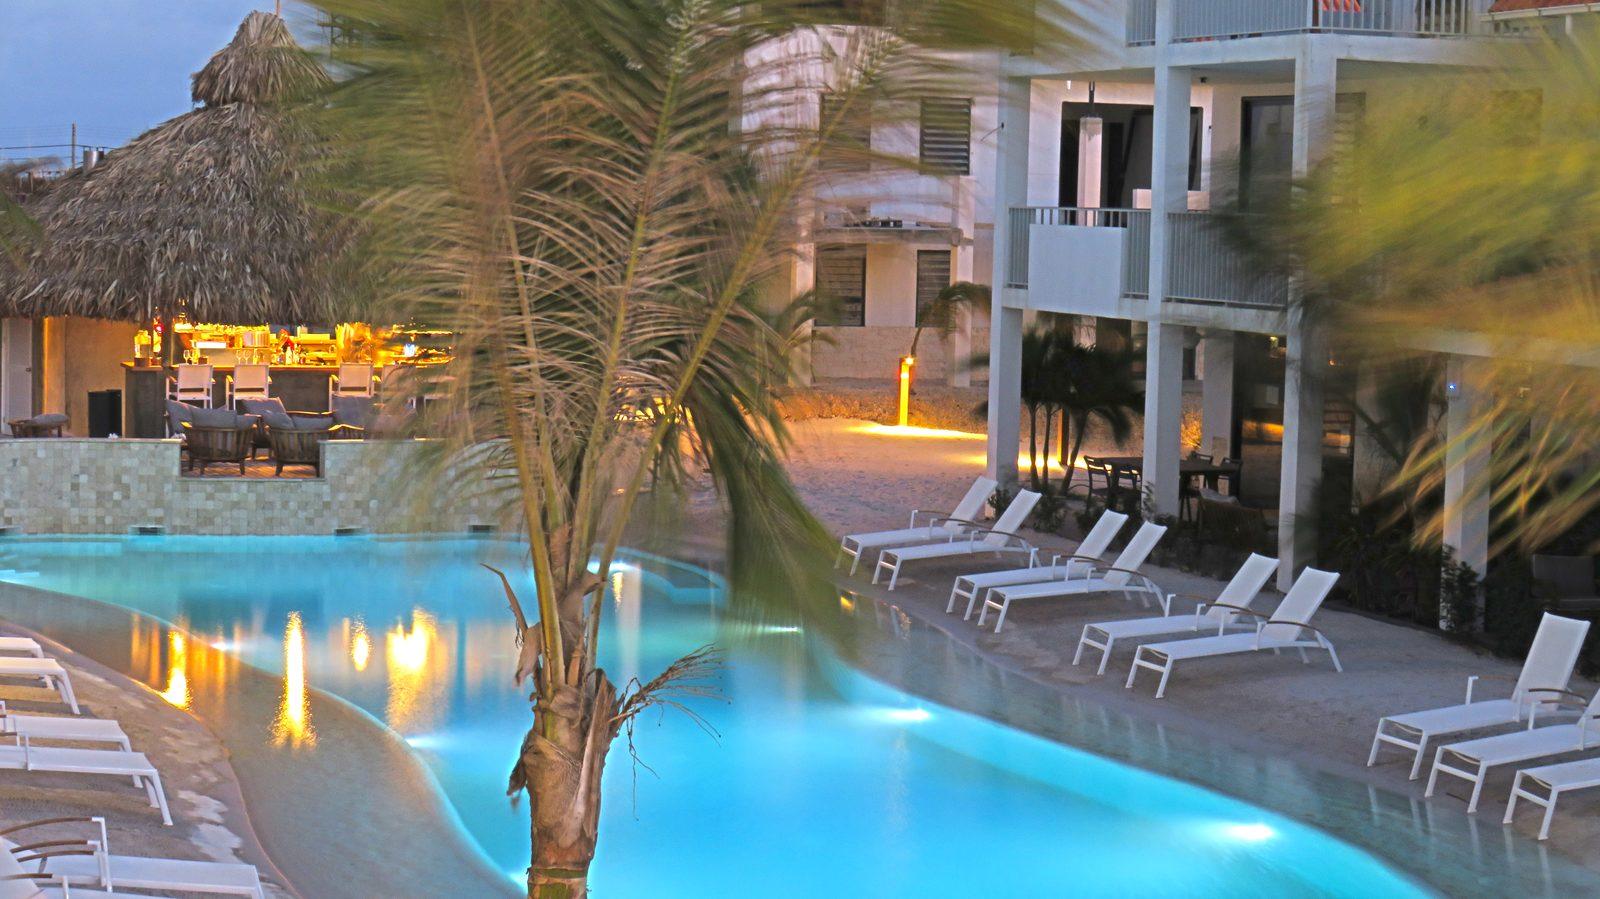 En tant que client du Resort Bonaire, vous pourrez profiter des multiples installations de notre parc. Louez du matériel de plongée ou venez nager dans notre piscine!